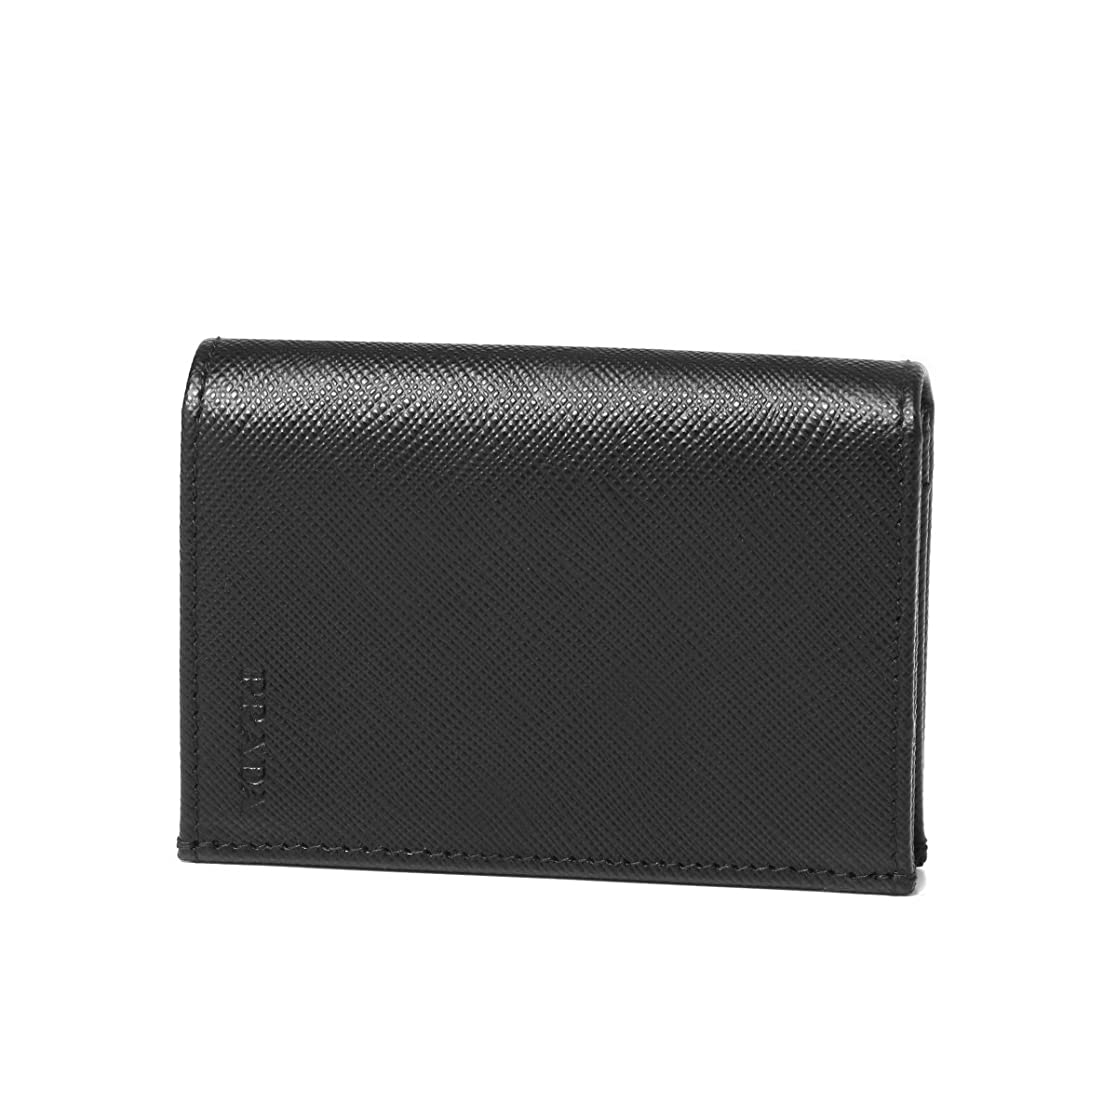 ハイランド満たすハッチ(プラダ) PRADA カードケース SAFFIANO 1 ブラック 2MC945 PN9 F0002 [並行輸入品]